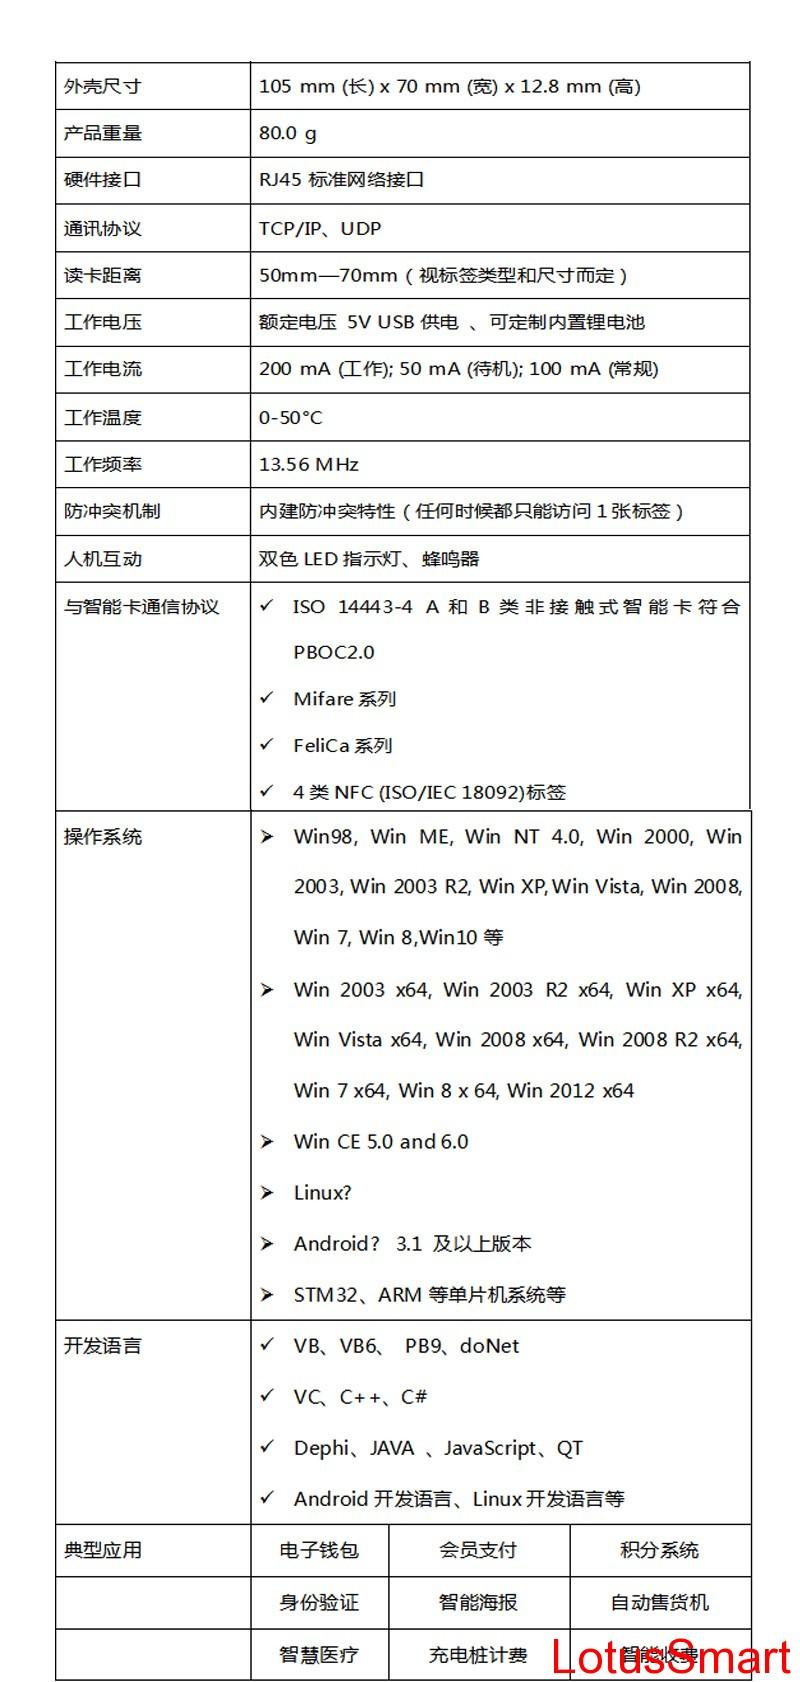 RFID阅读器、IC卡读卡器,重庆诺塔斯智能科技有限公司